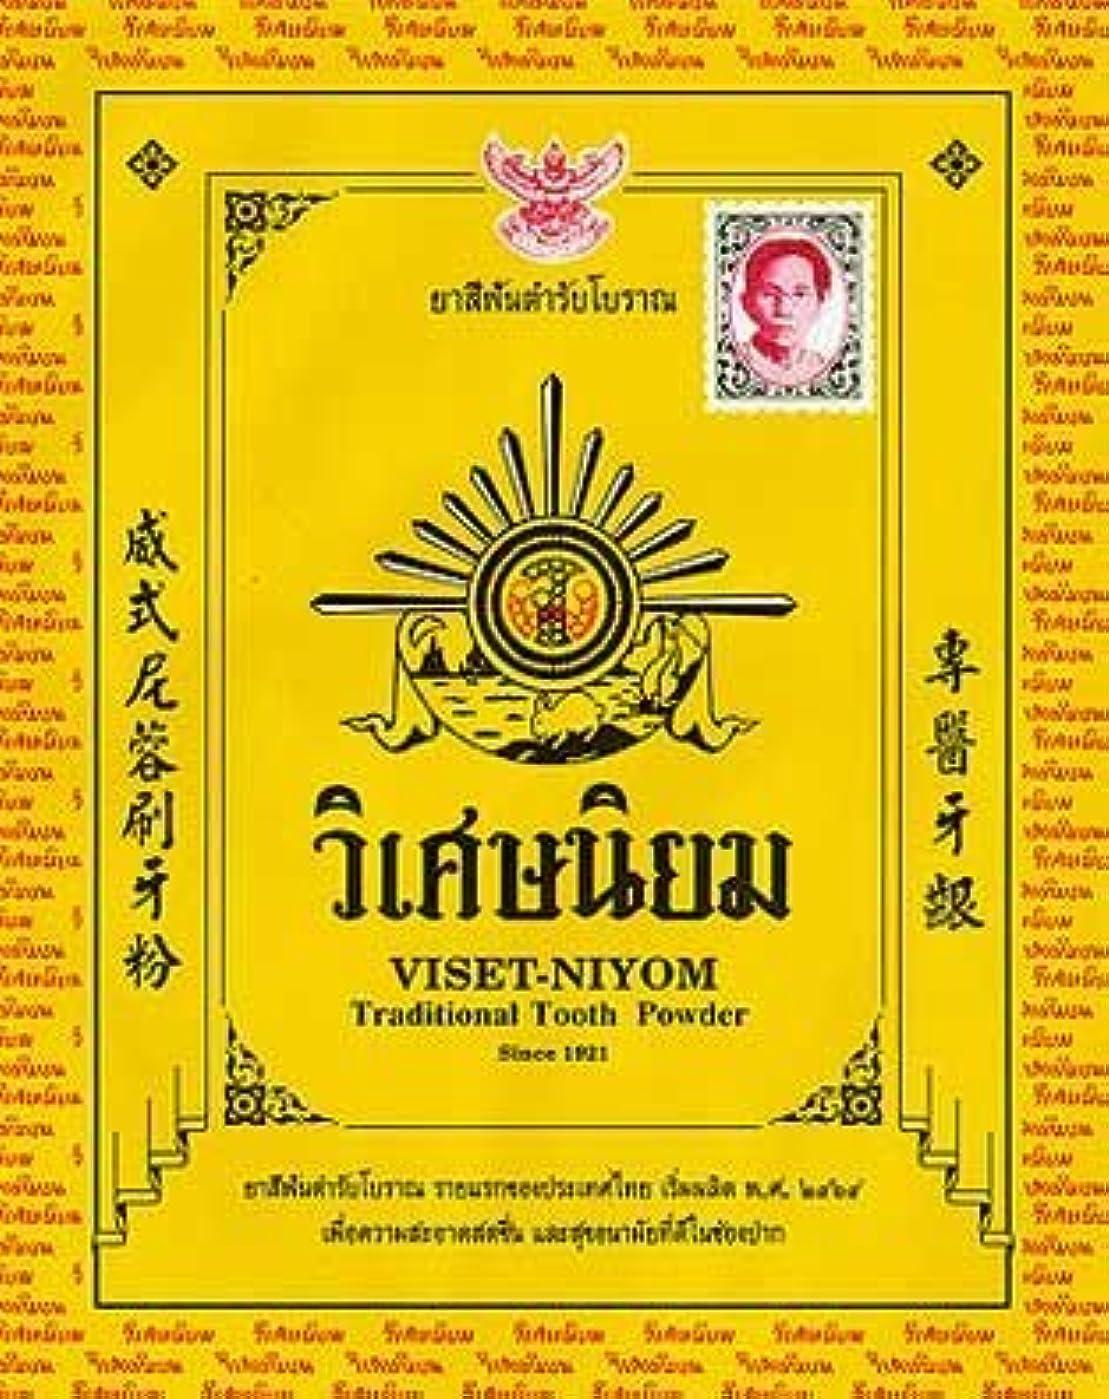 旋回幾何学校長Herbal Whitening Tooth Powder Thai Original Traditional Toothpaste 40 G. x 2 Packs by Viset Niyom Tooth Powder